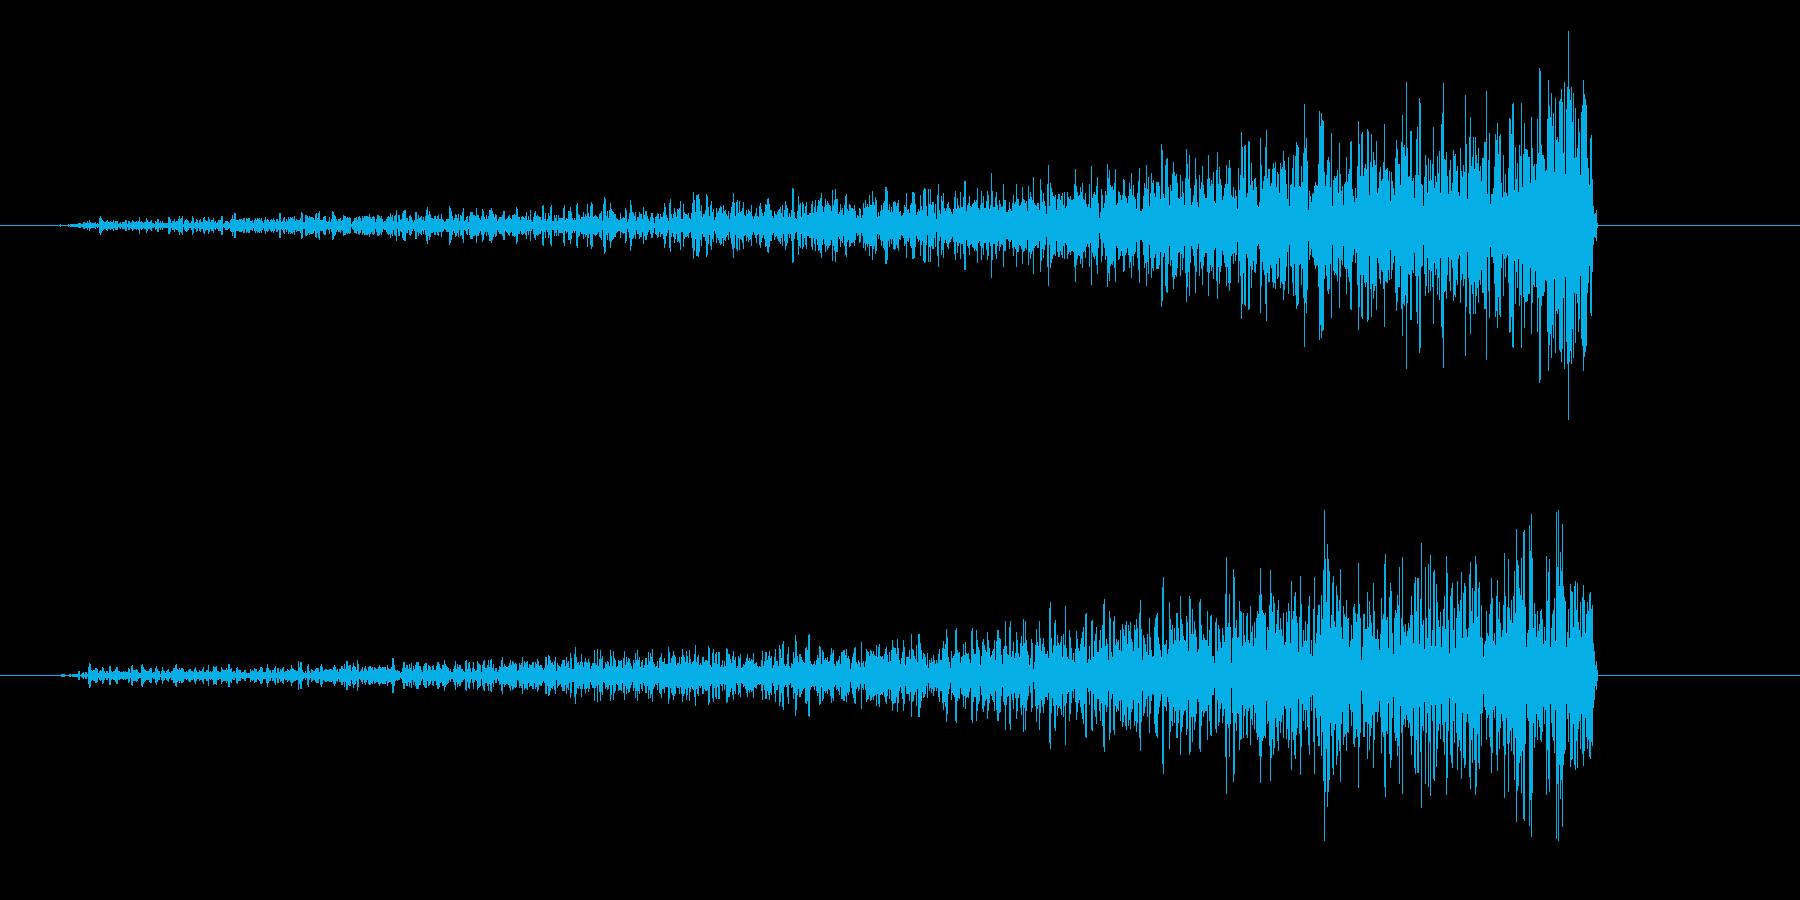 フワーッ(シリアス・緊迫状態を表す音)の再生済みの波形